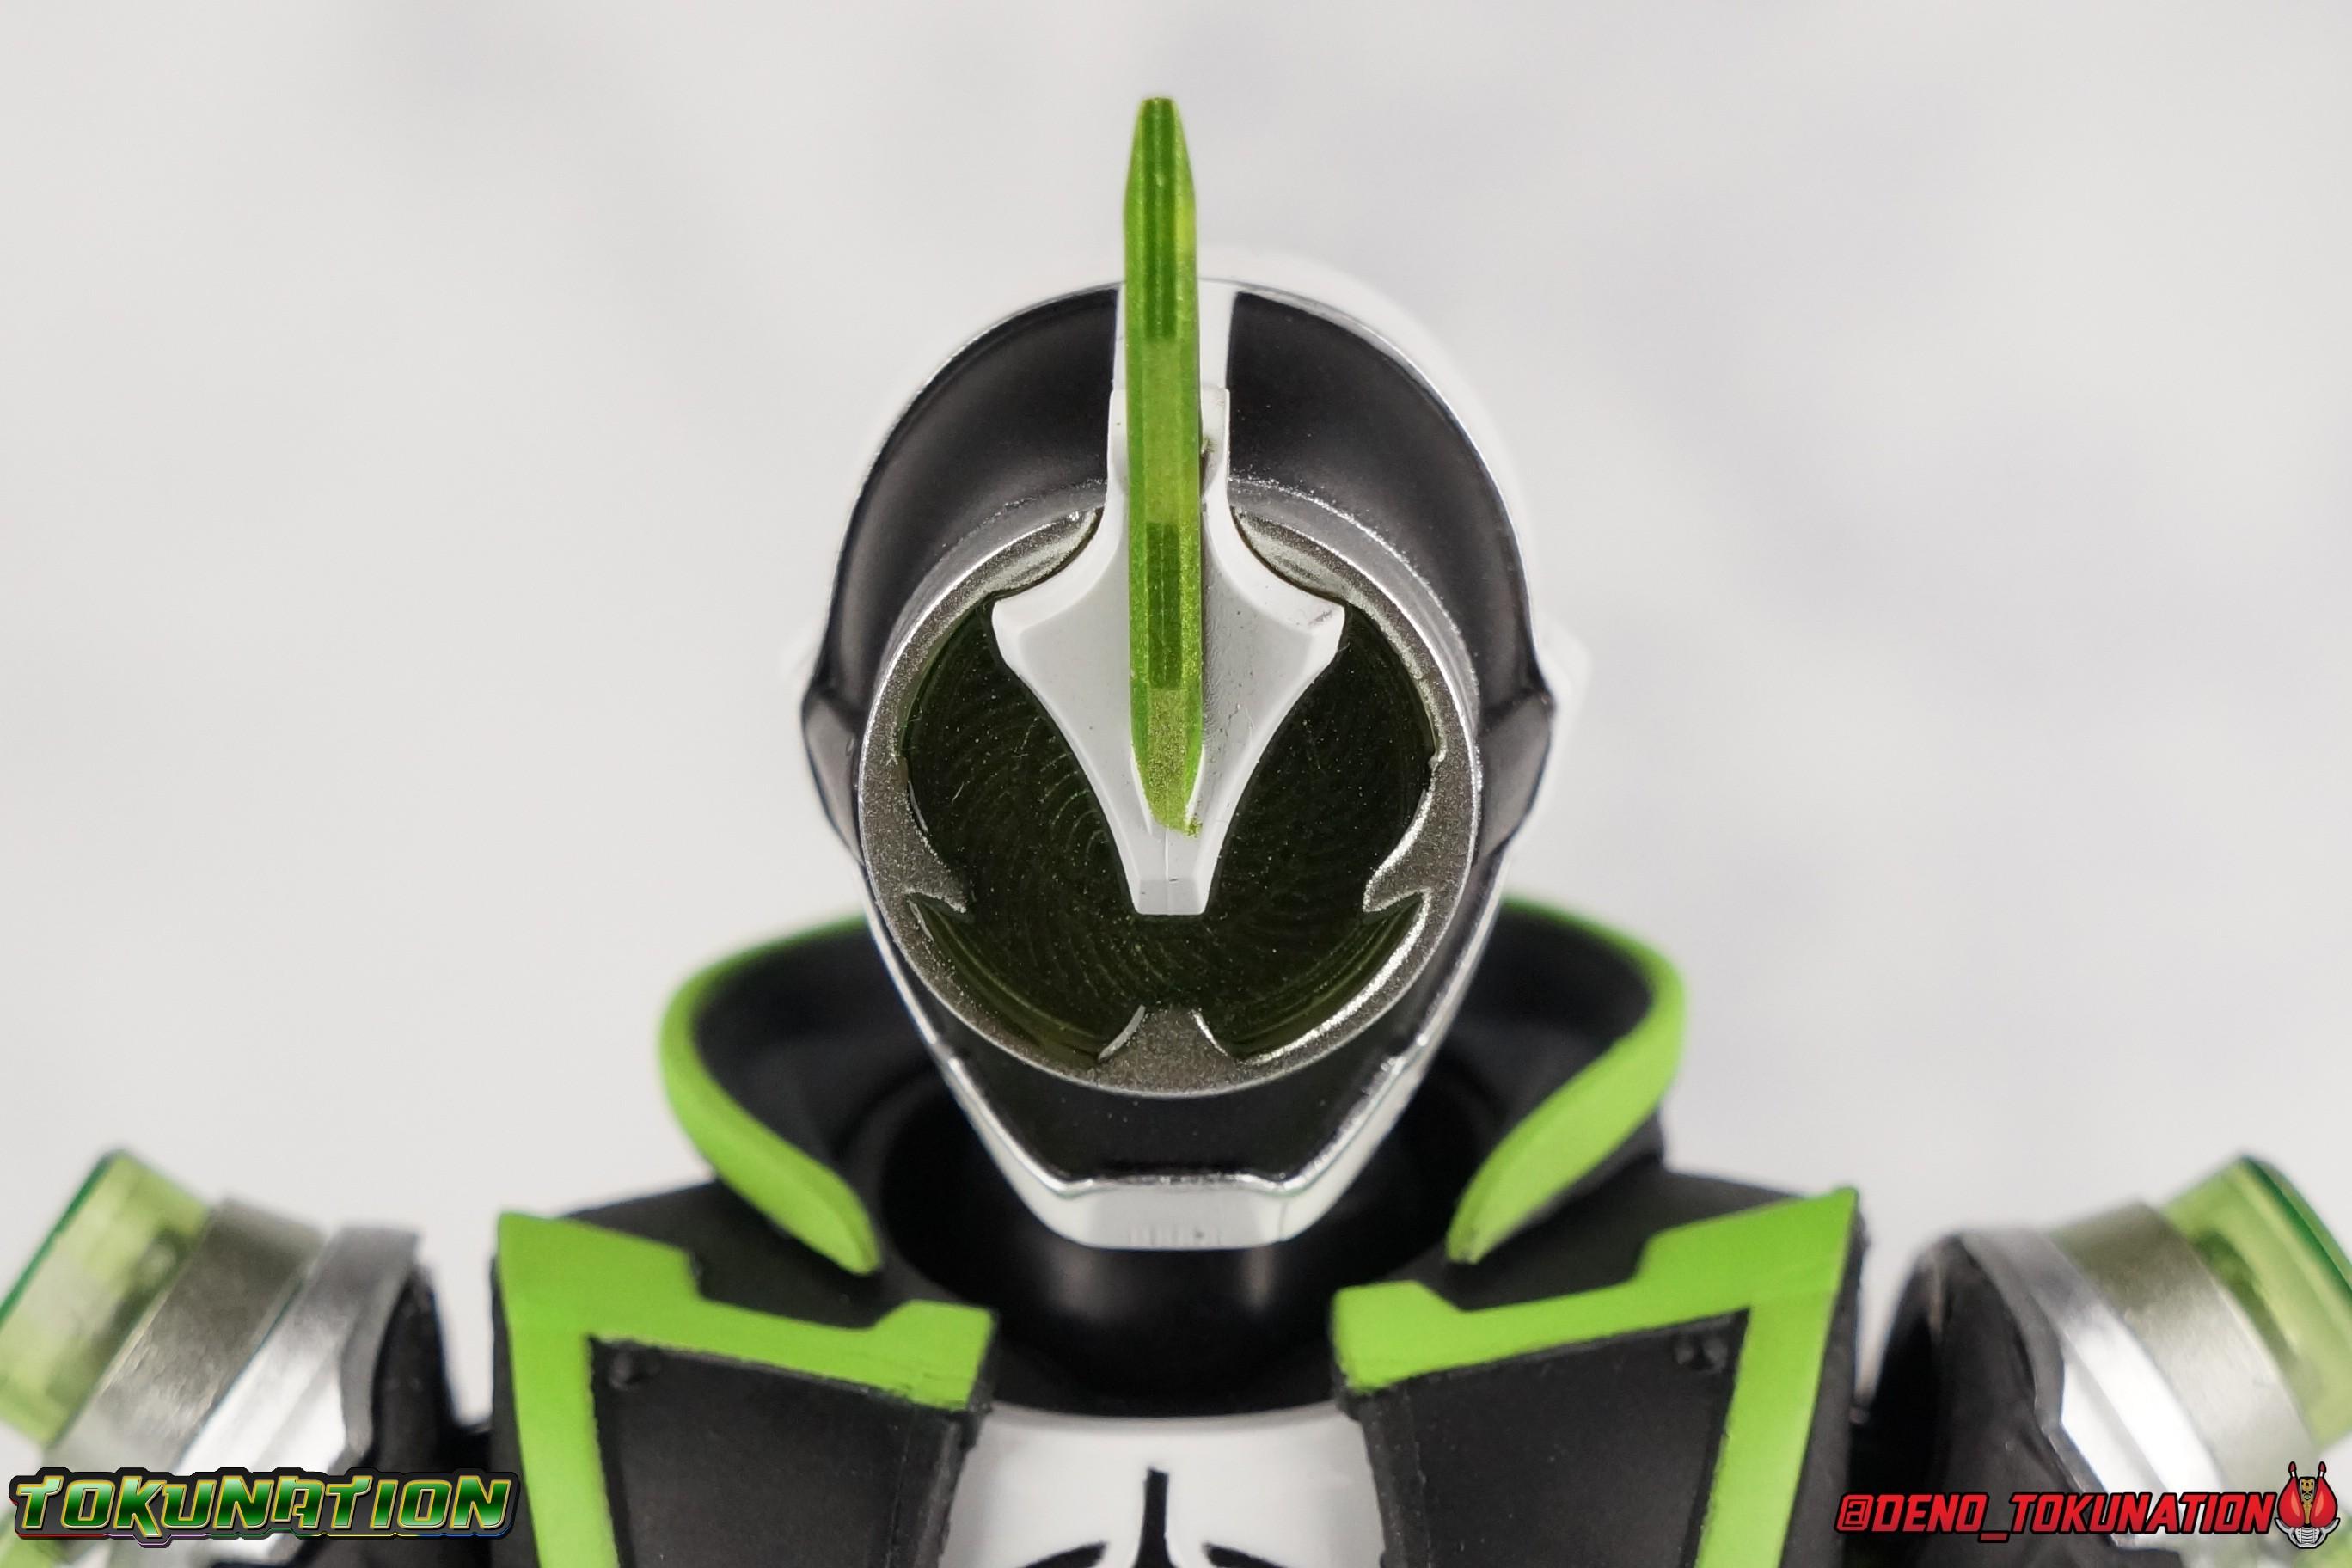 Kamen Rider Necrom: S.H. Figuarts Kamen Rider Necrom Gallery